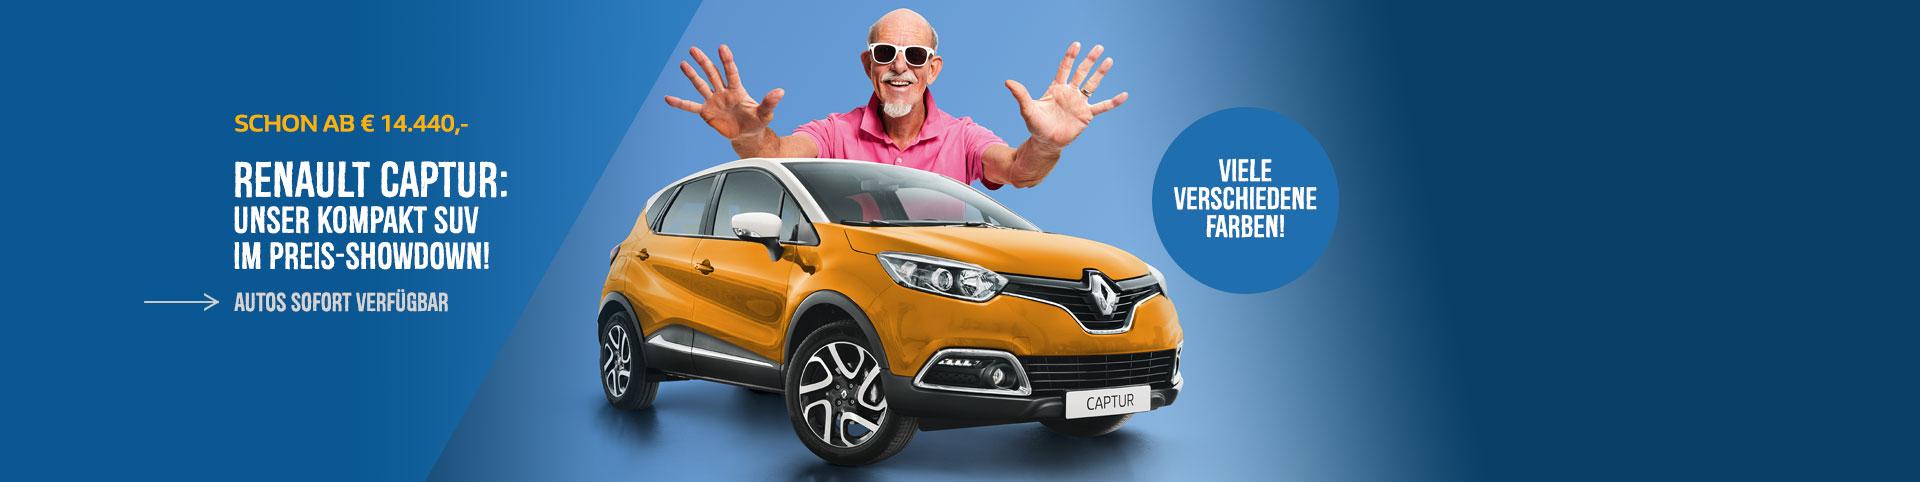 Renault Captur Angebot vom Autozentrum P&A-Preckel